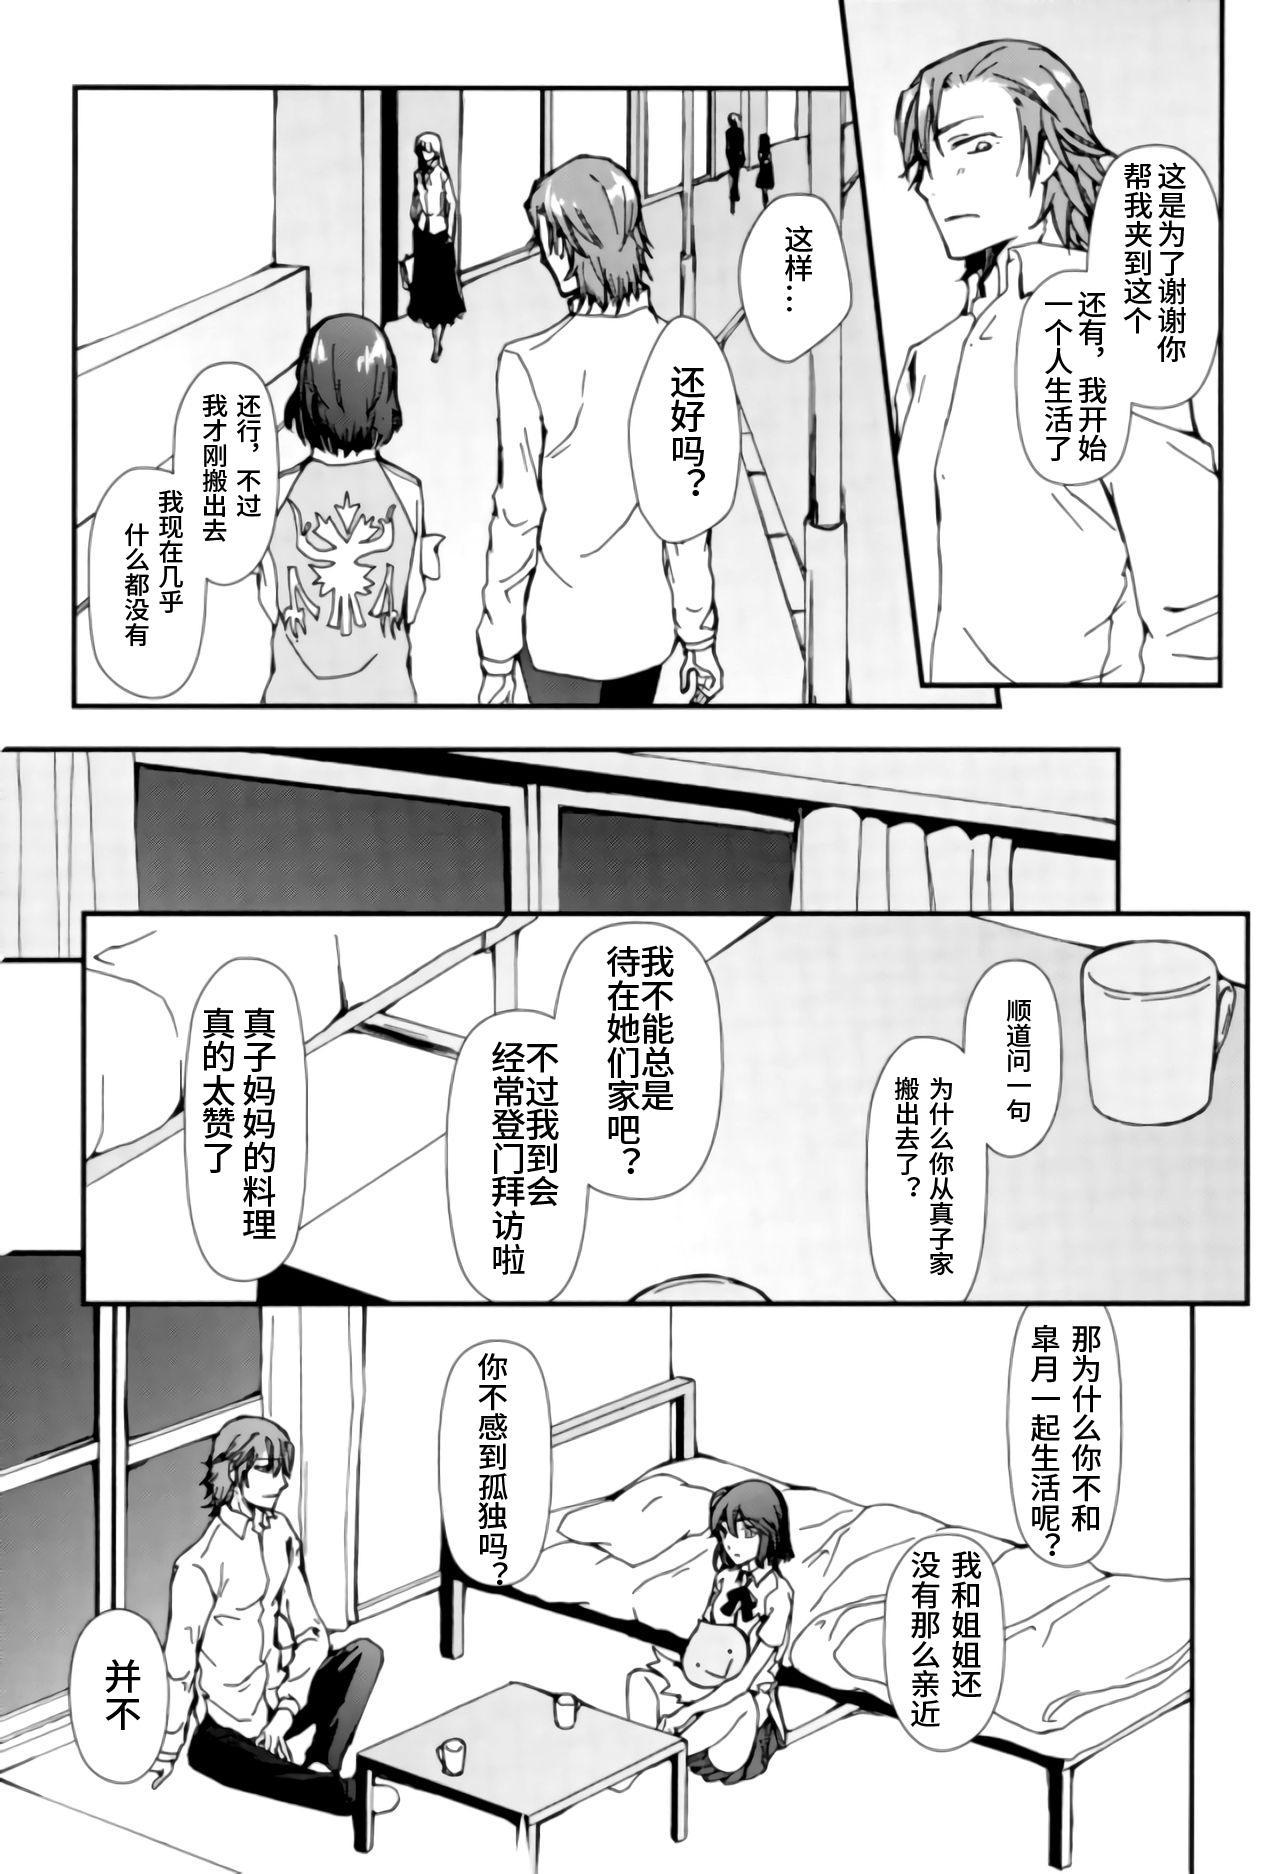 Sekai de Ichiban Kimi ga Suki 10